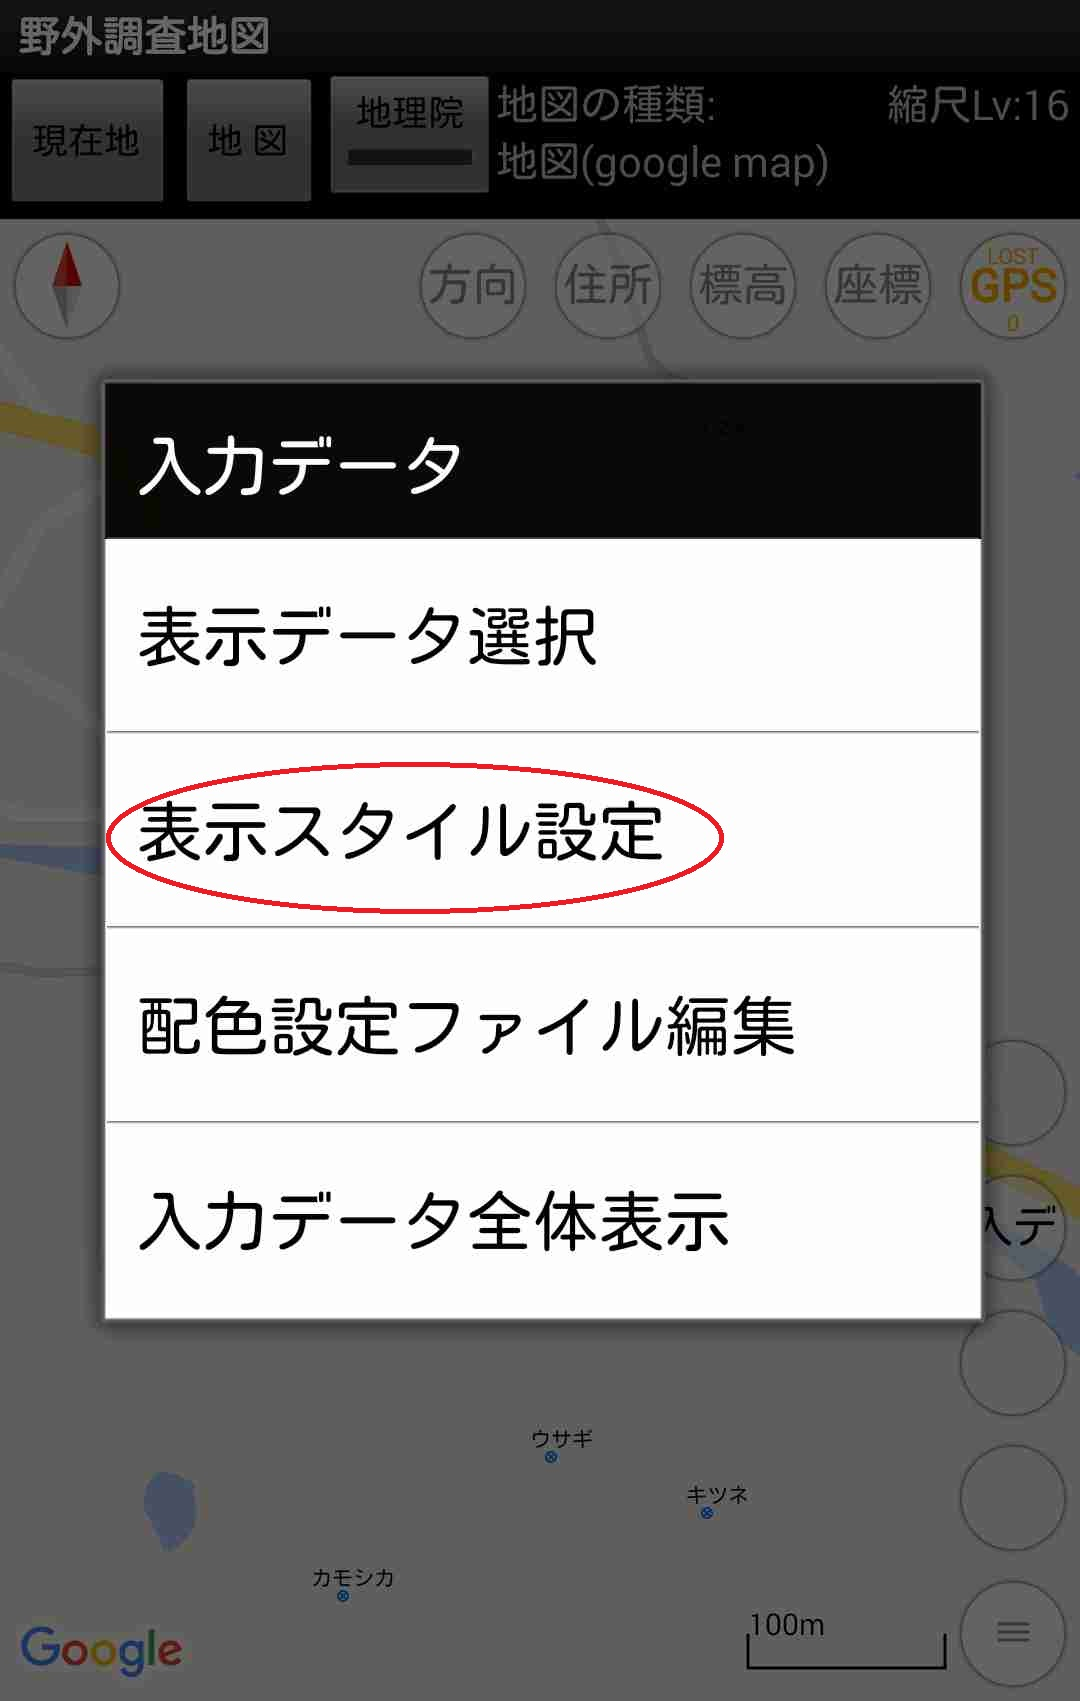 02入力データメニュー